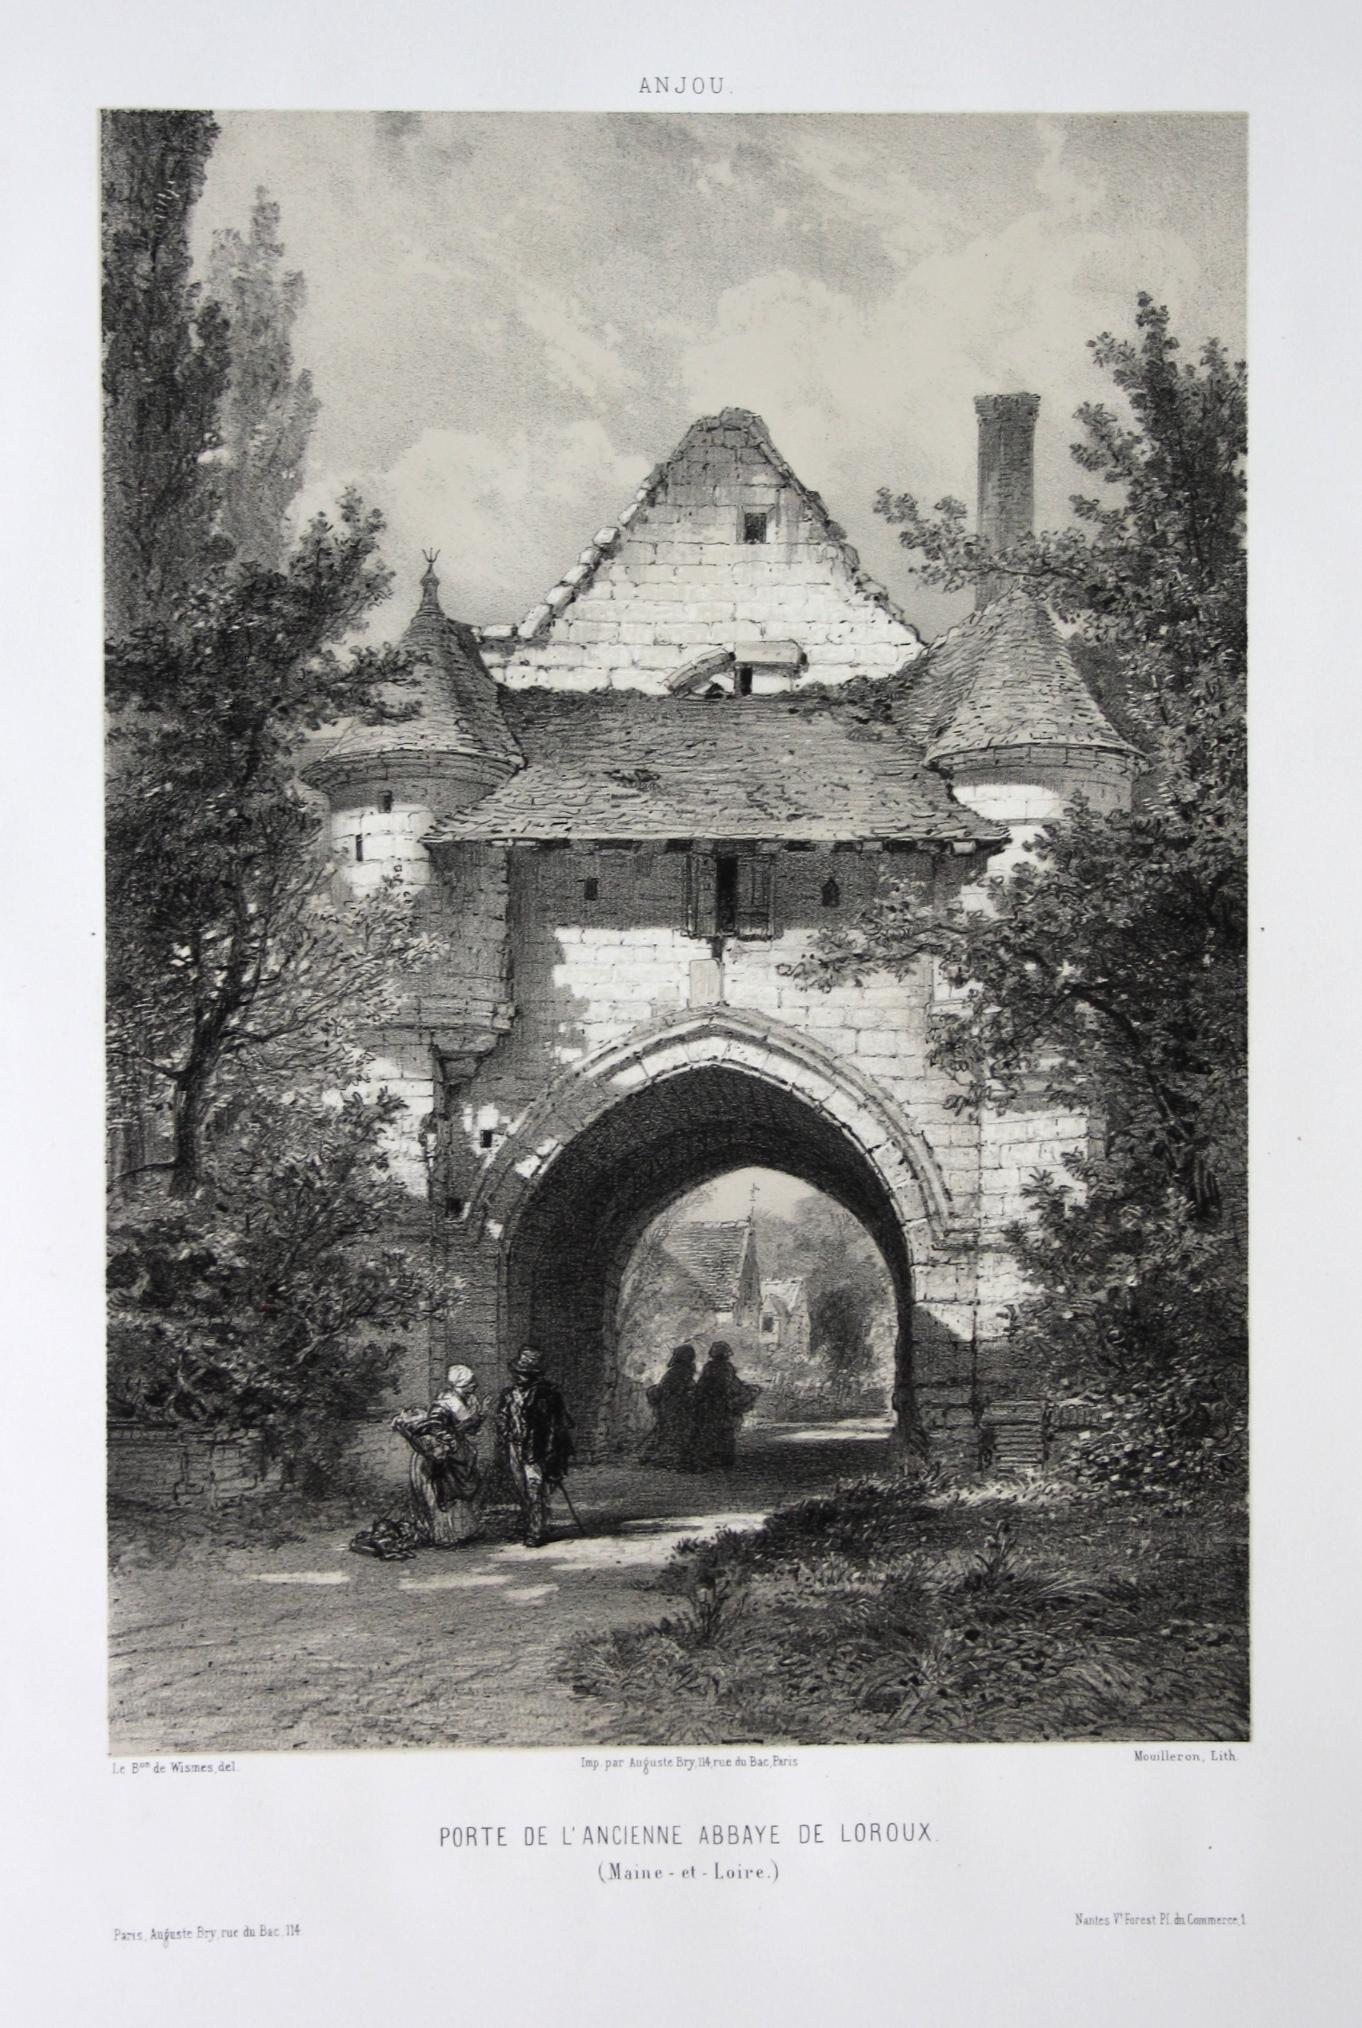 Porte de l'Ancienne Abbaye de Loroux /: Wismes, Olivier de